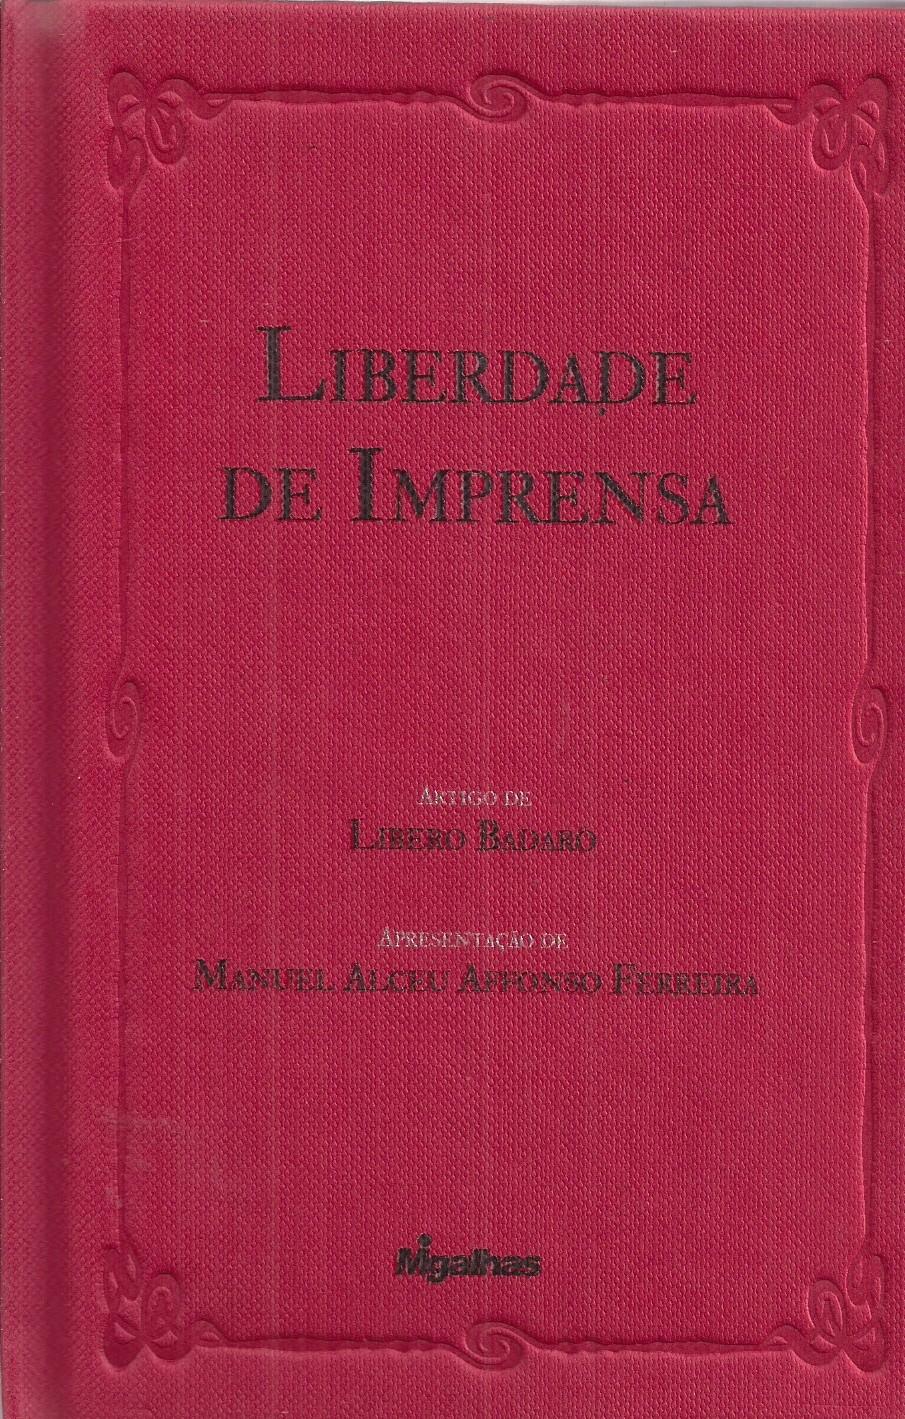 Foto 1 - Liberdade de Imprensa